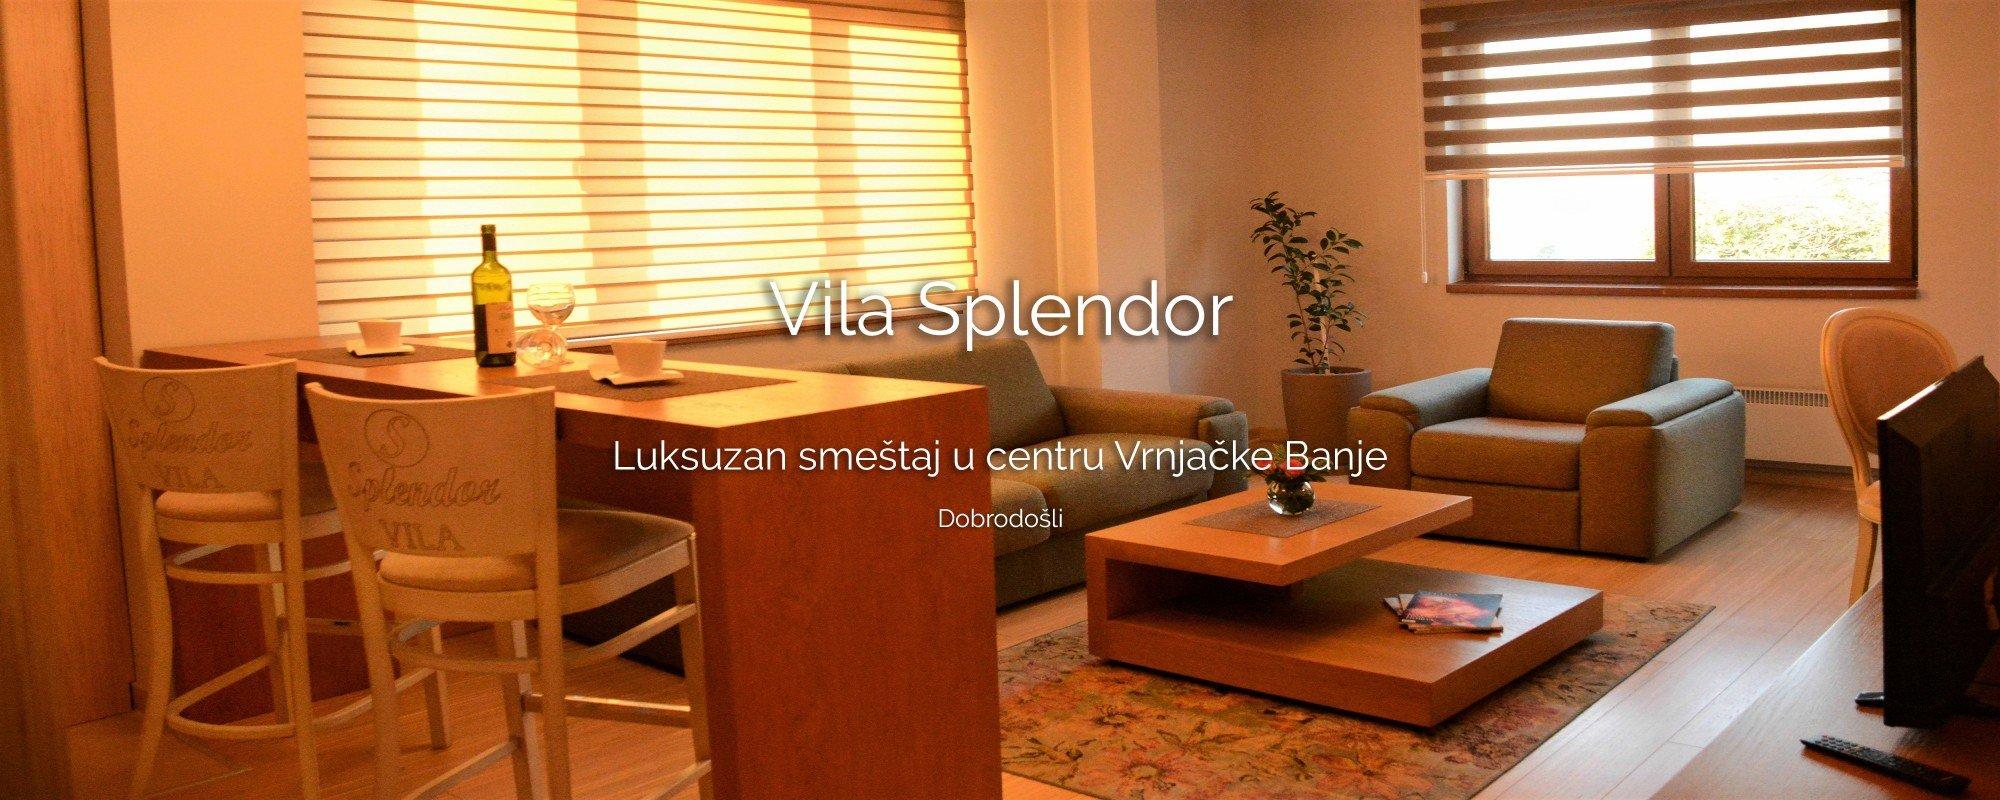 vilasplendor_slider5